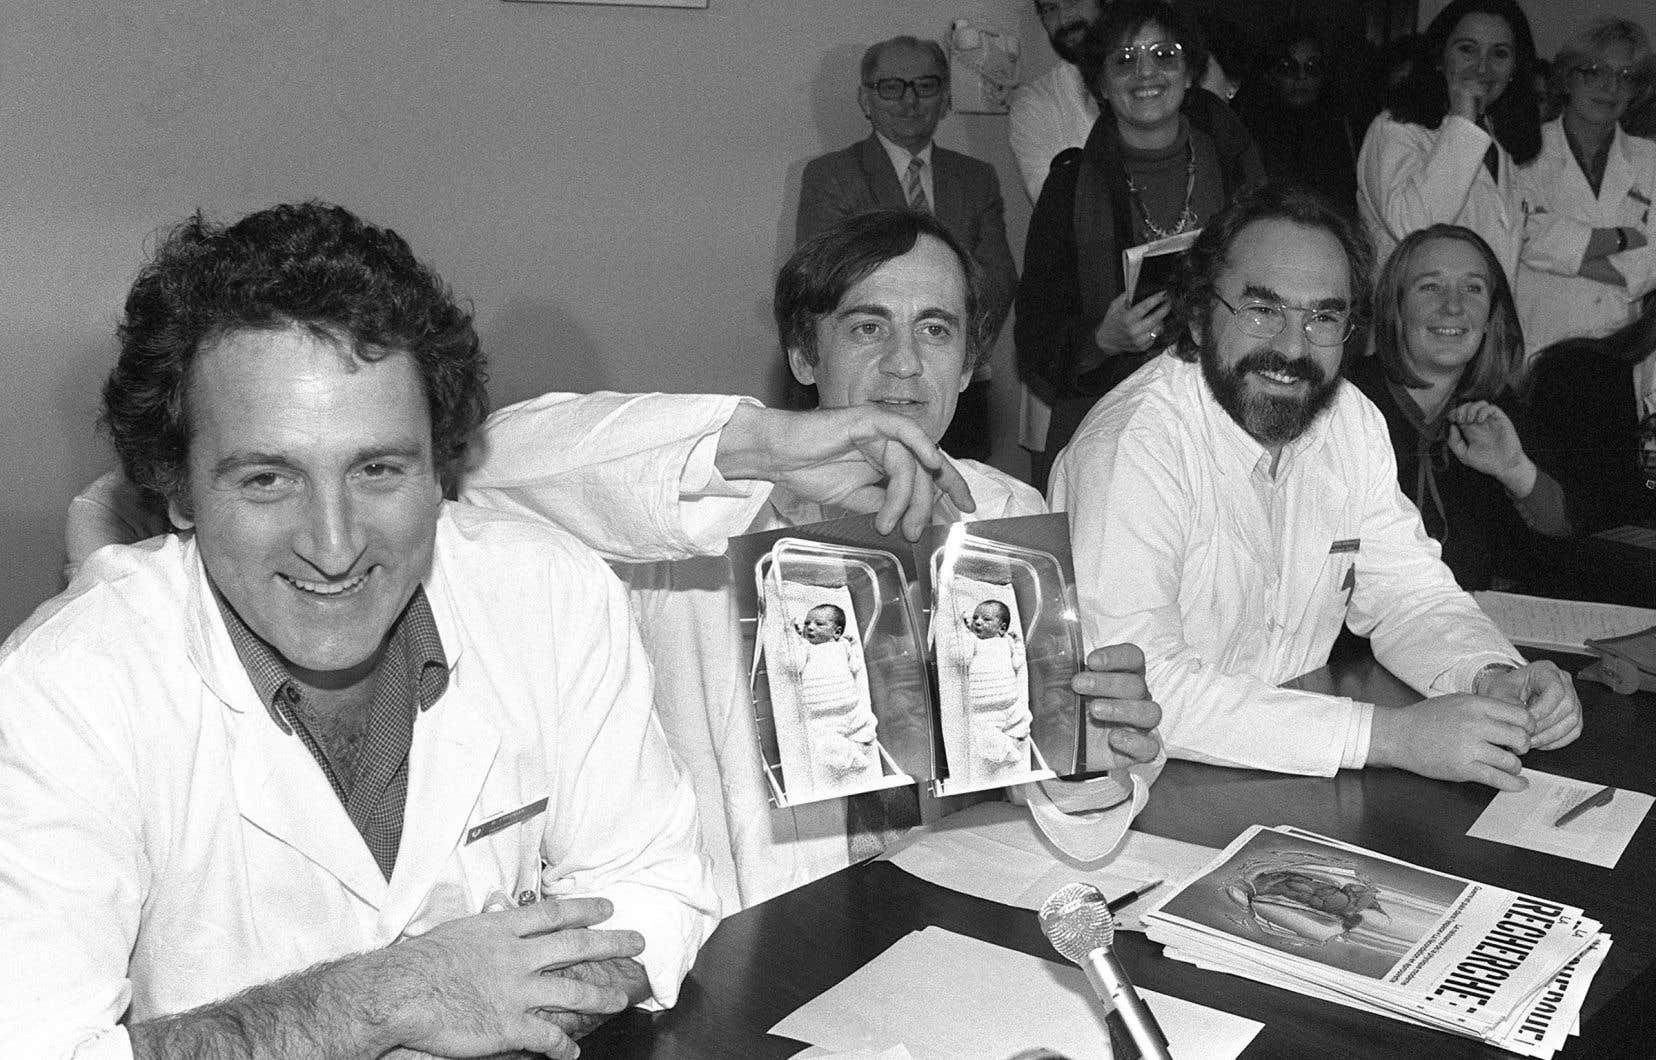 Le 24 février 1982, à l'hôpital Antoine-Béclère de Clamart, les médecins René Frydman, Jacques Testart et Emile Papiernik montrent des photos d'Amandine, le premier bébé-éprouvette français.